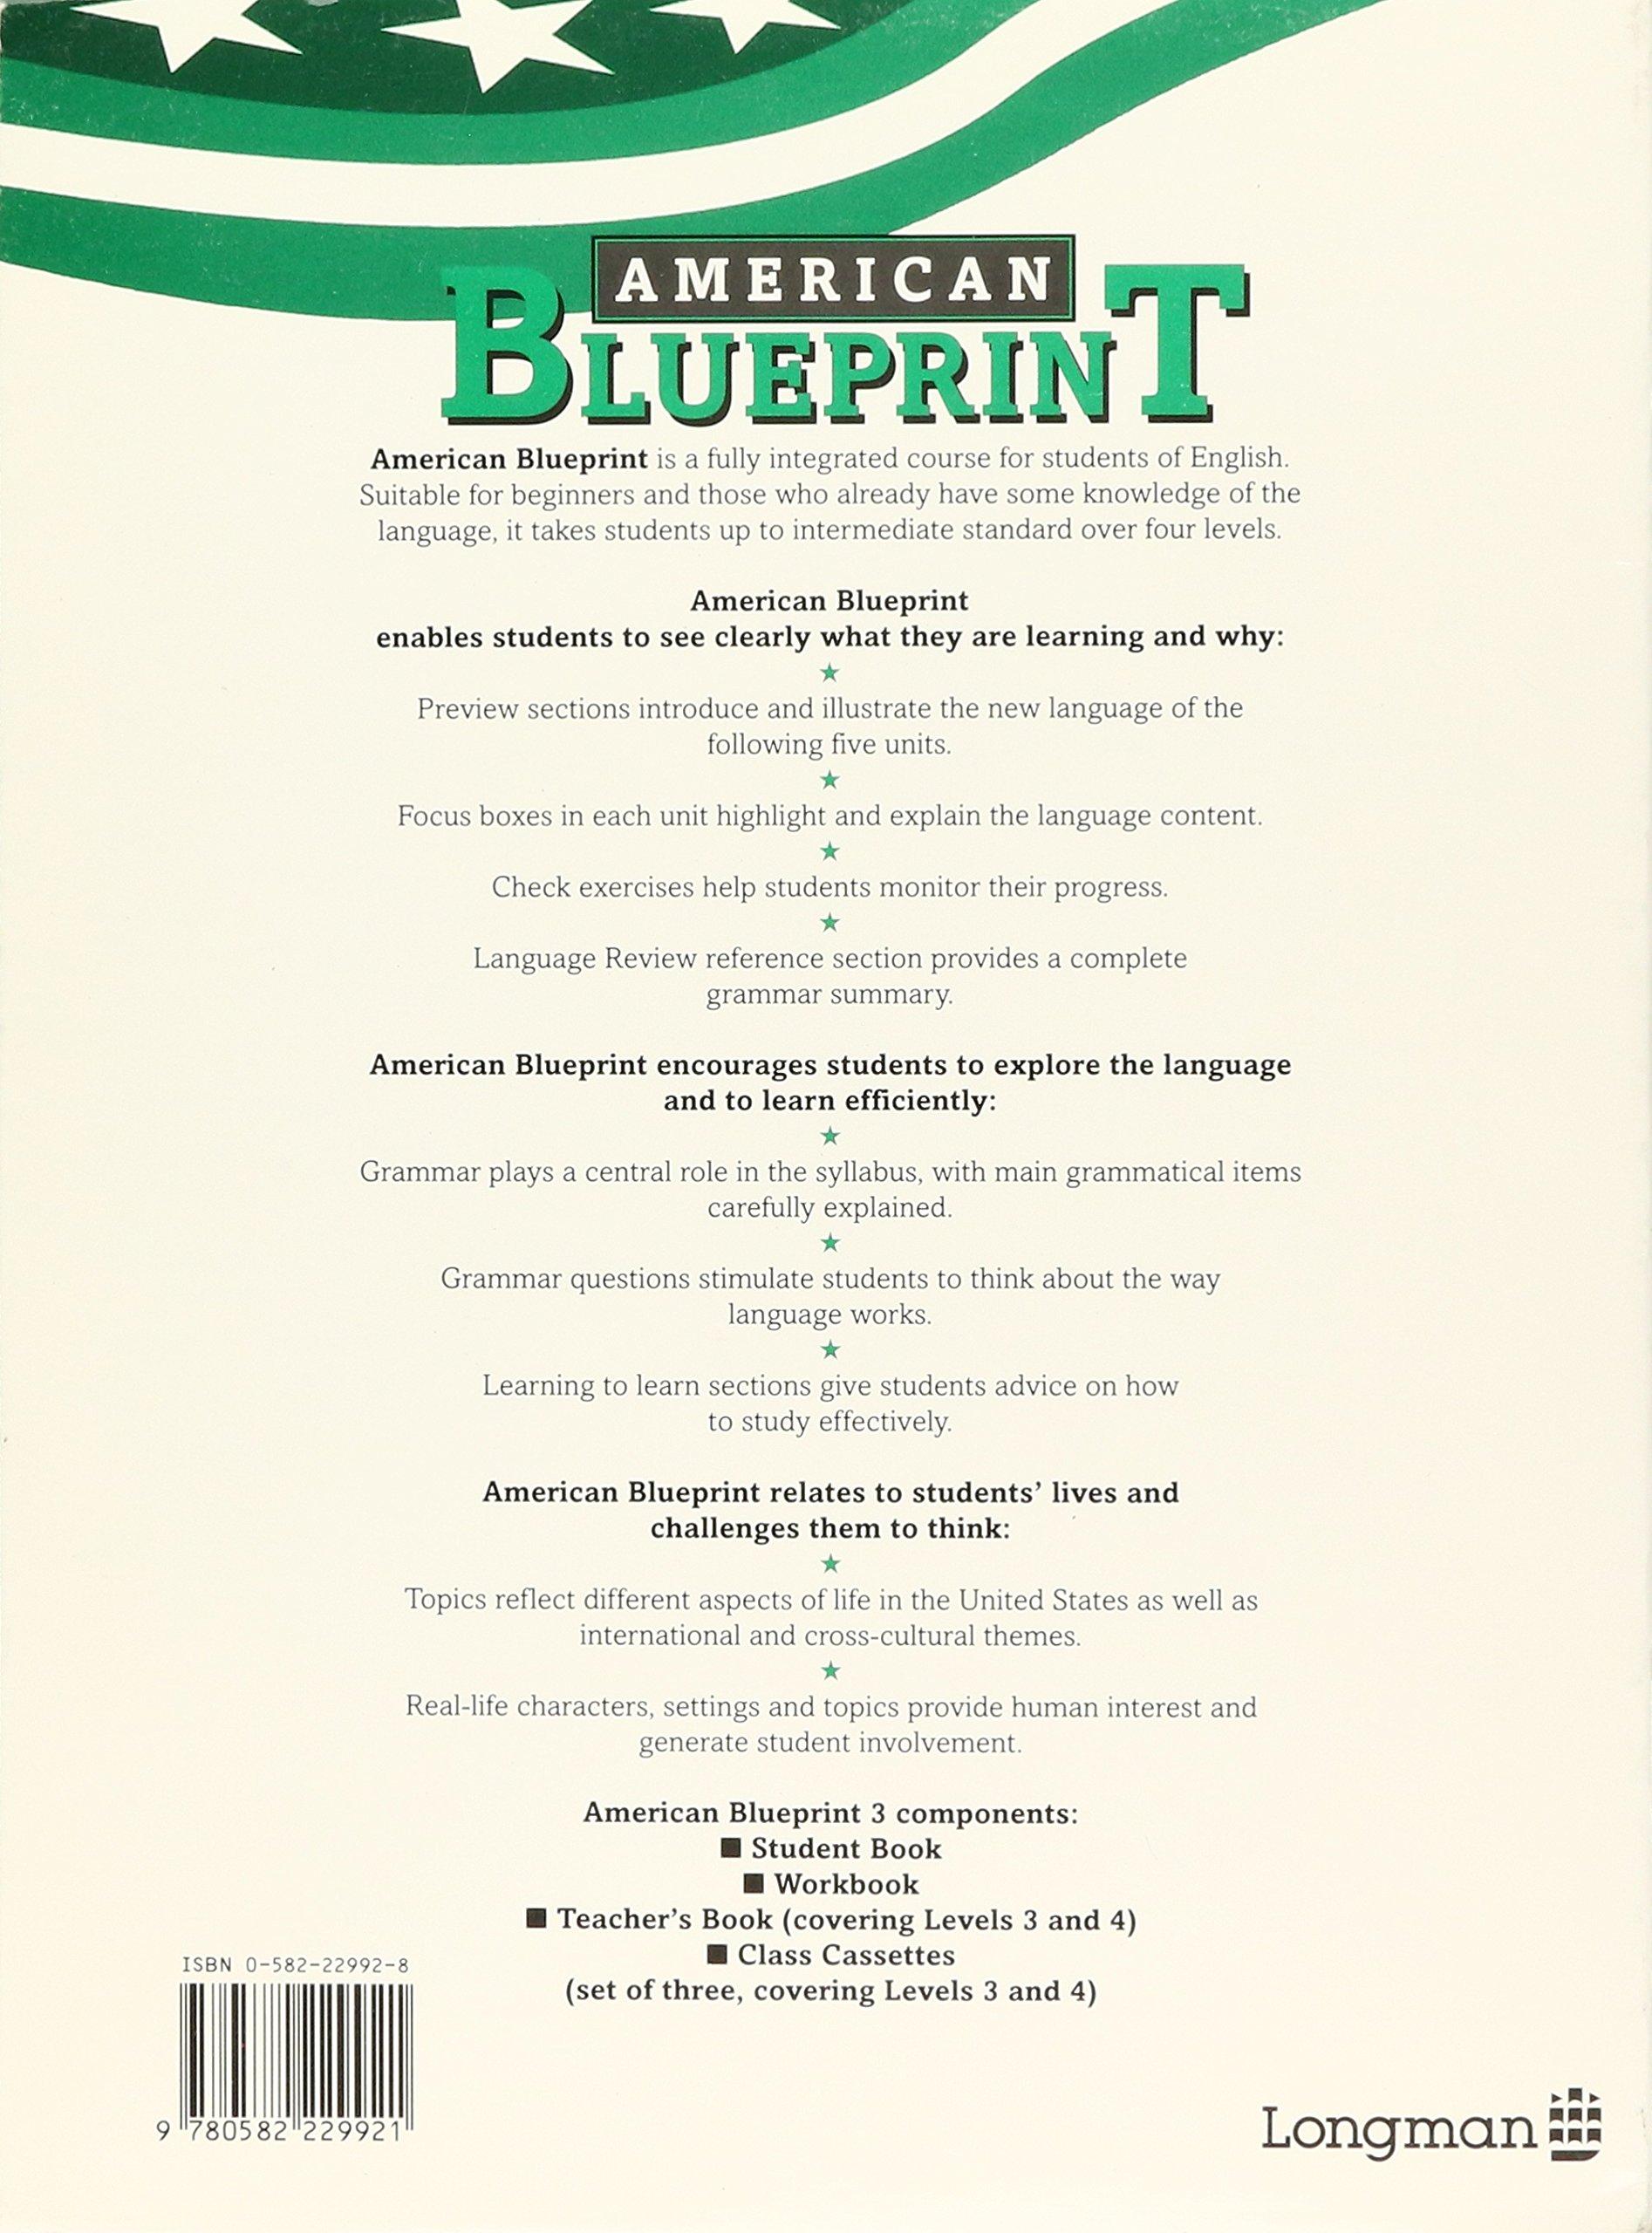 American blueprint workbook 3 brian abbs ingrid freebairn american blueprint workbook 3 brian abbs ingrid freebairn 9780582229921 amazon books malvernweather Gallery